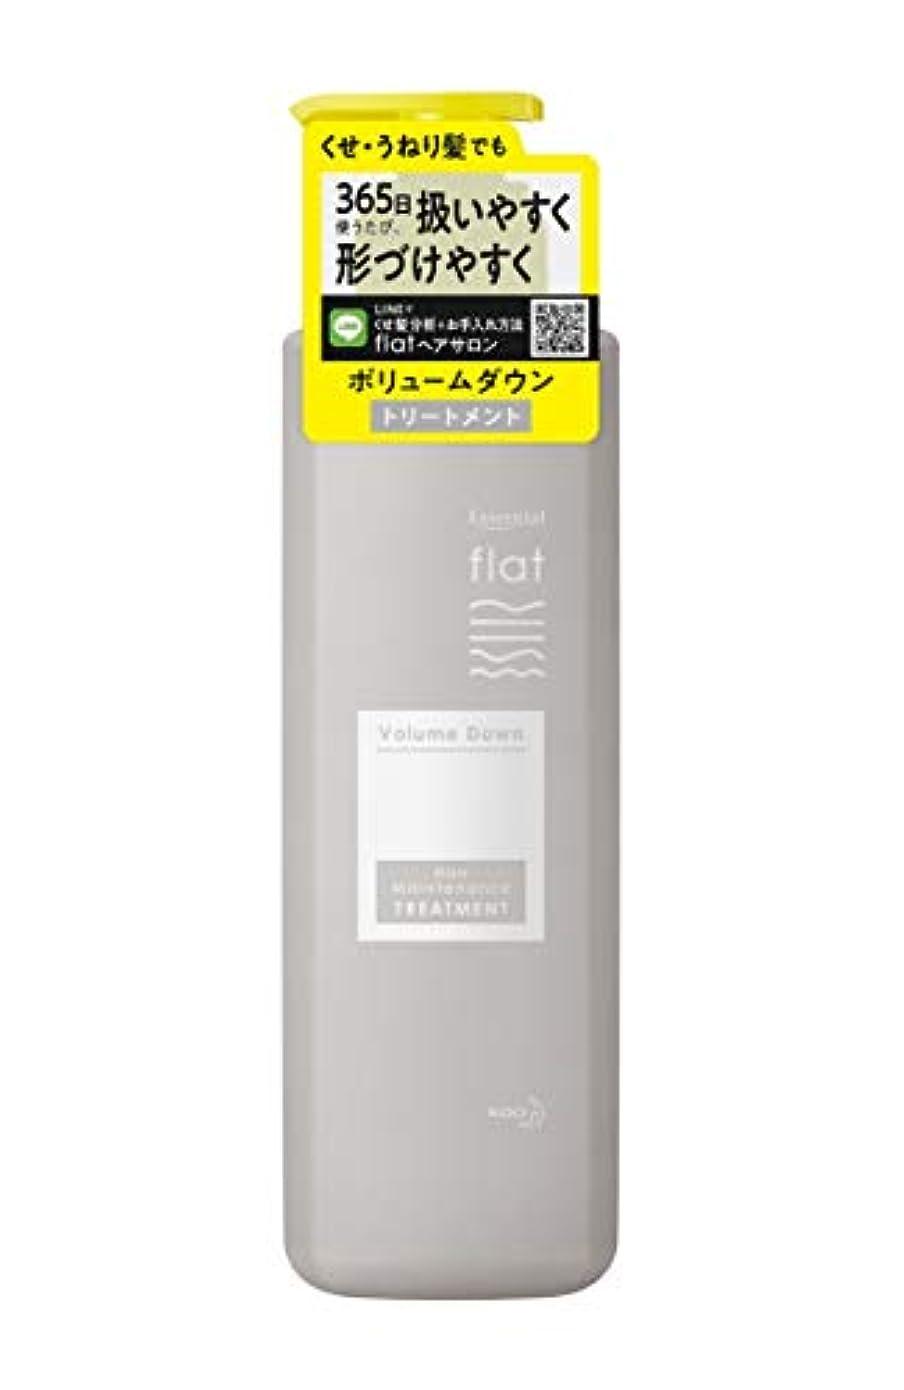 パテパラメータヘッドレスflat(フラット) エッセンシャル フラット ボリュームダウン トリートメント くせ毛 うねり髪 毛先 広がりにくい ストレートヘア ときほぐし成分配合(整髪成分) ボトル 500ml